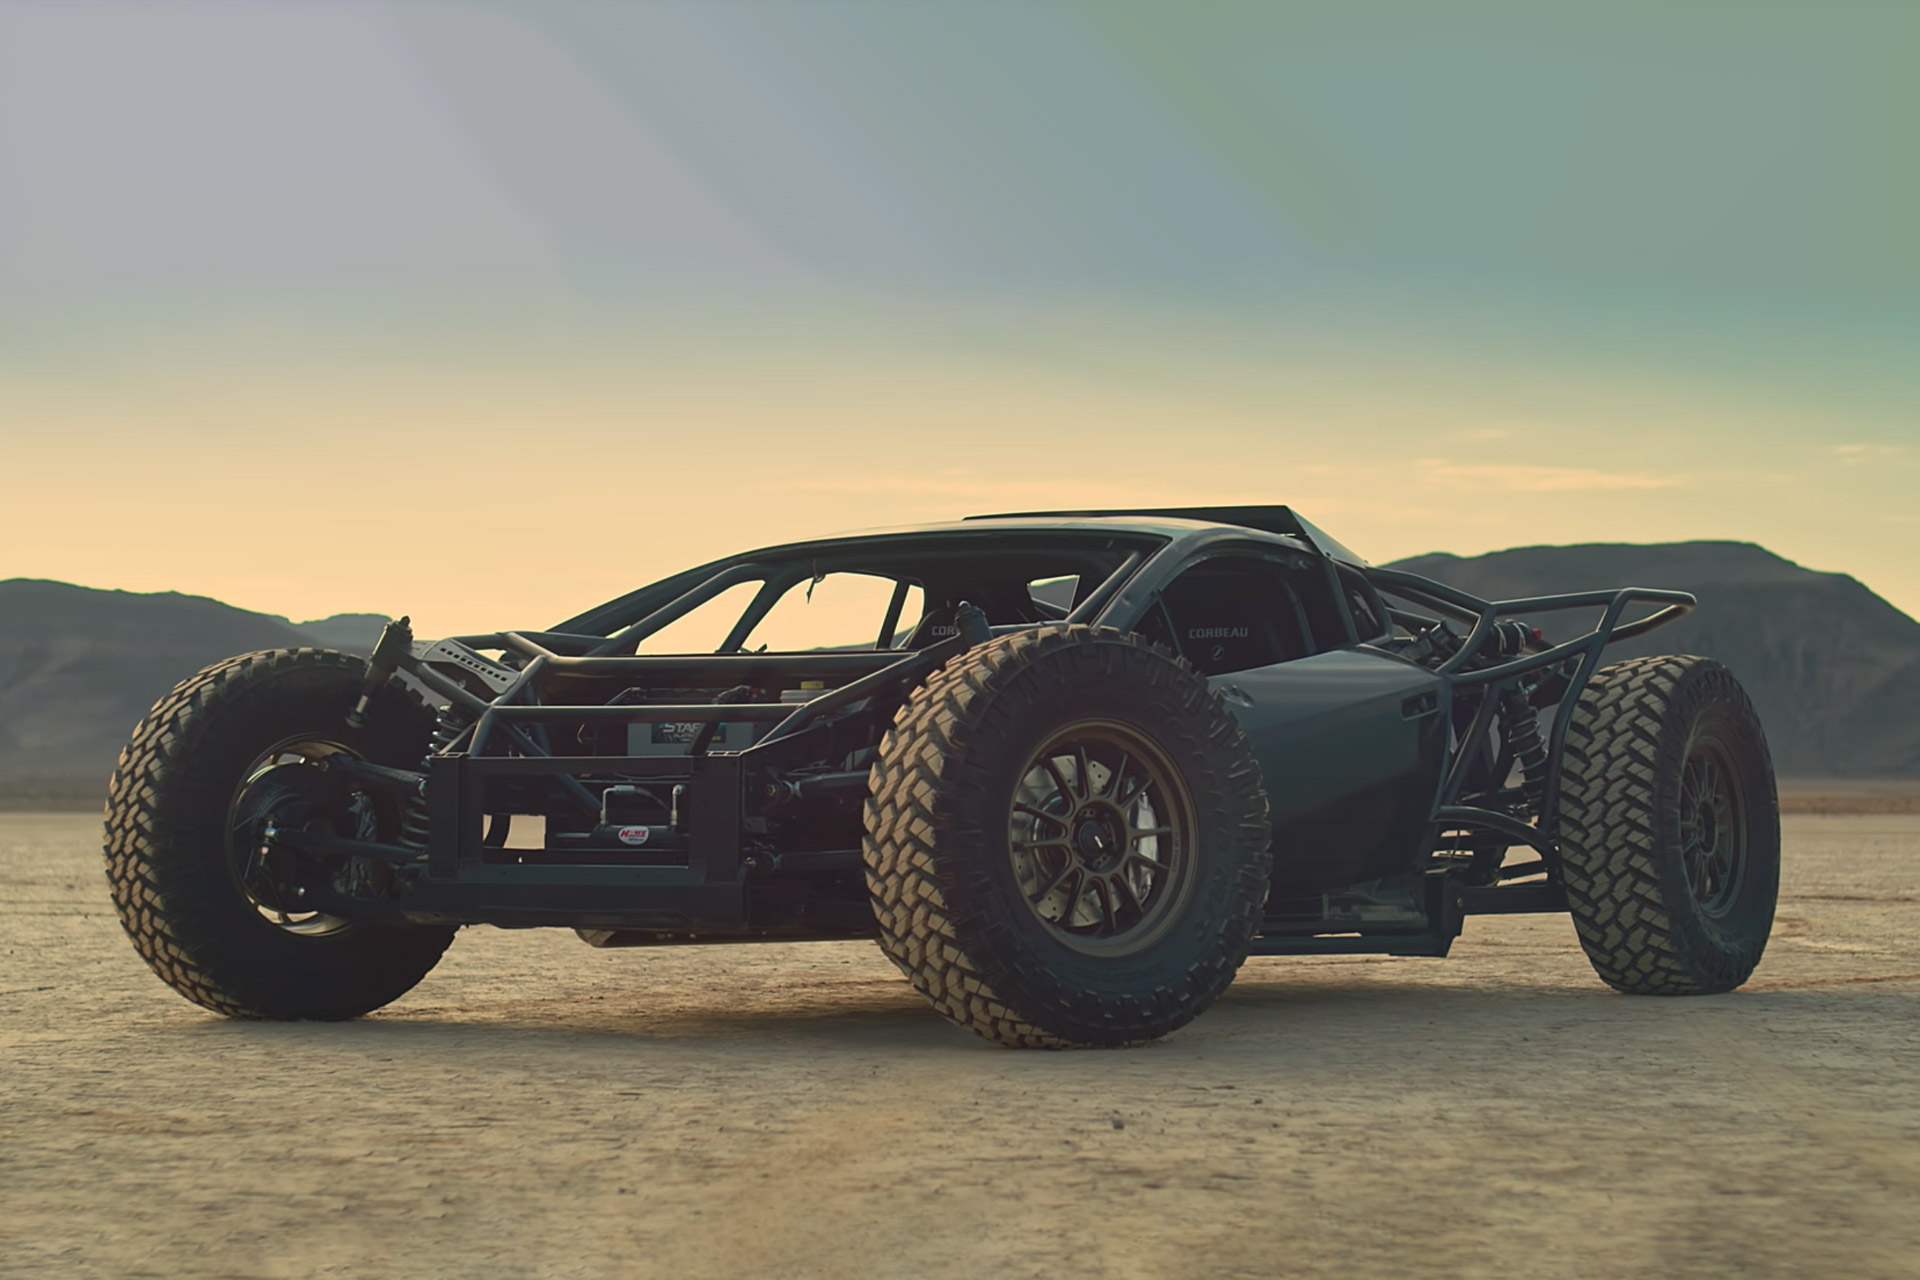 Off-Road Lamborghini Huracan Jumpacan